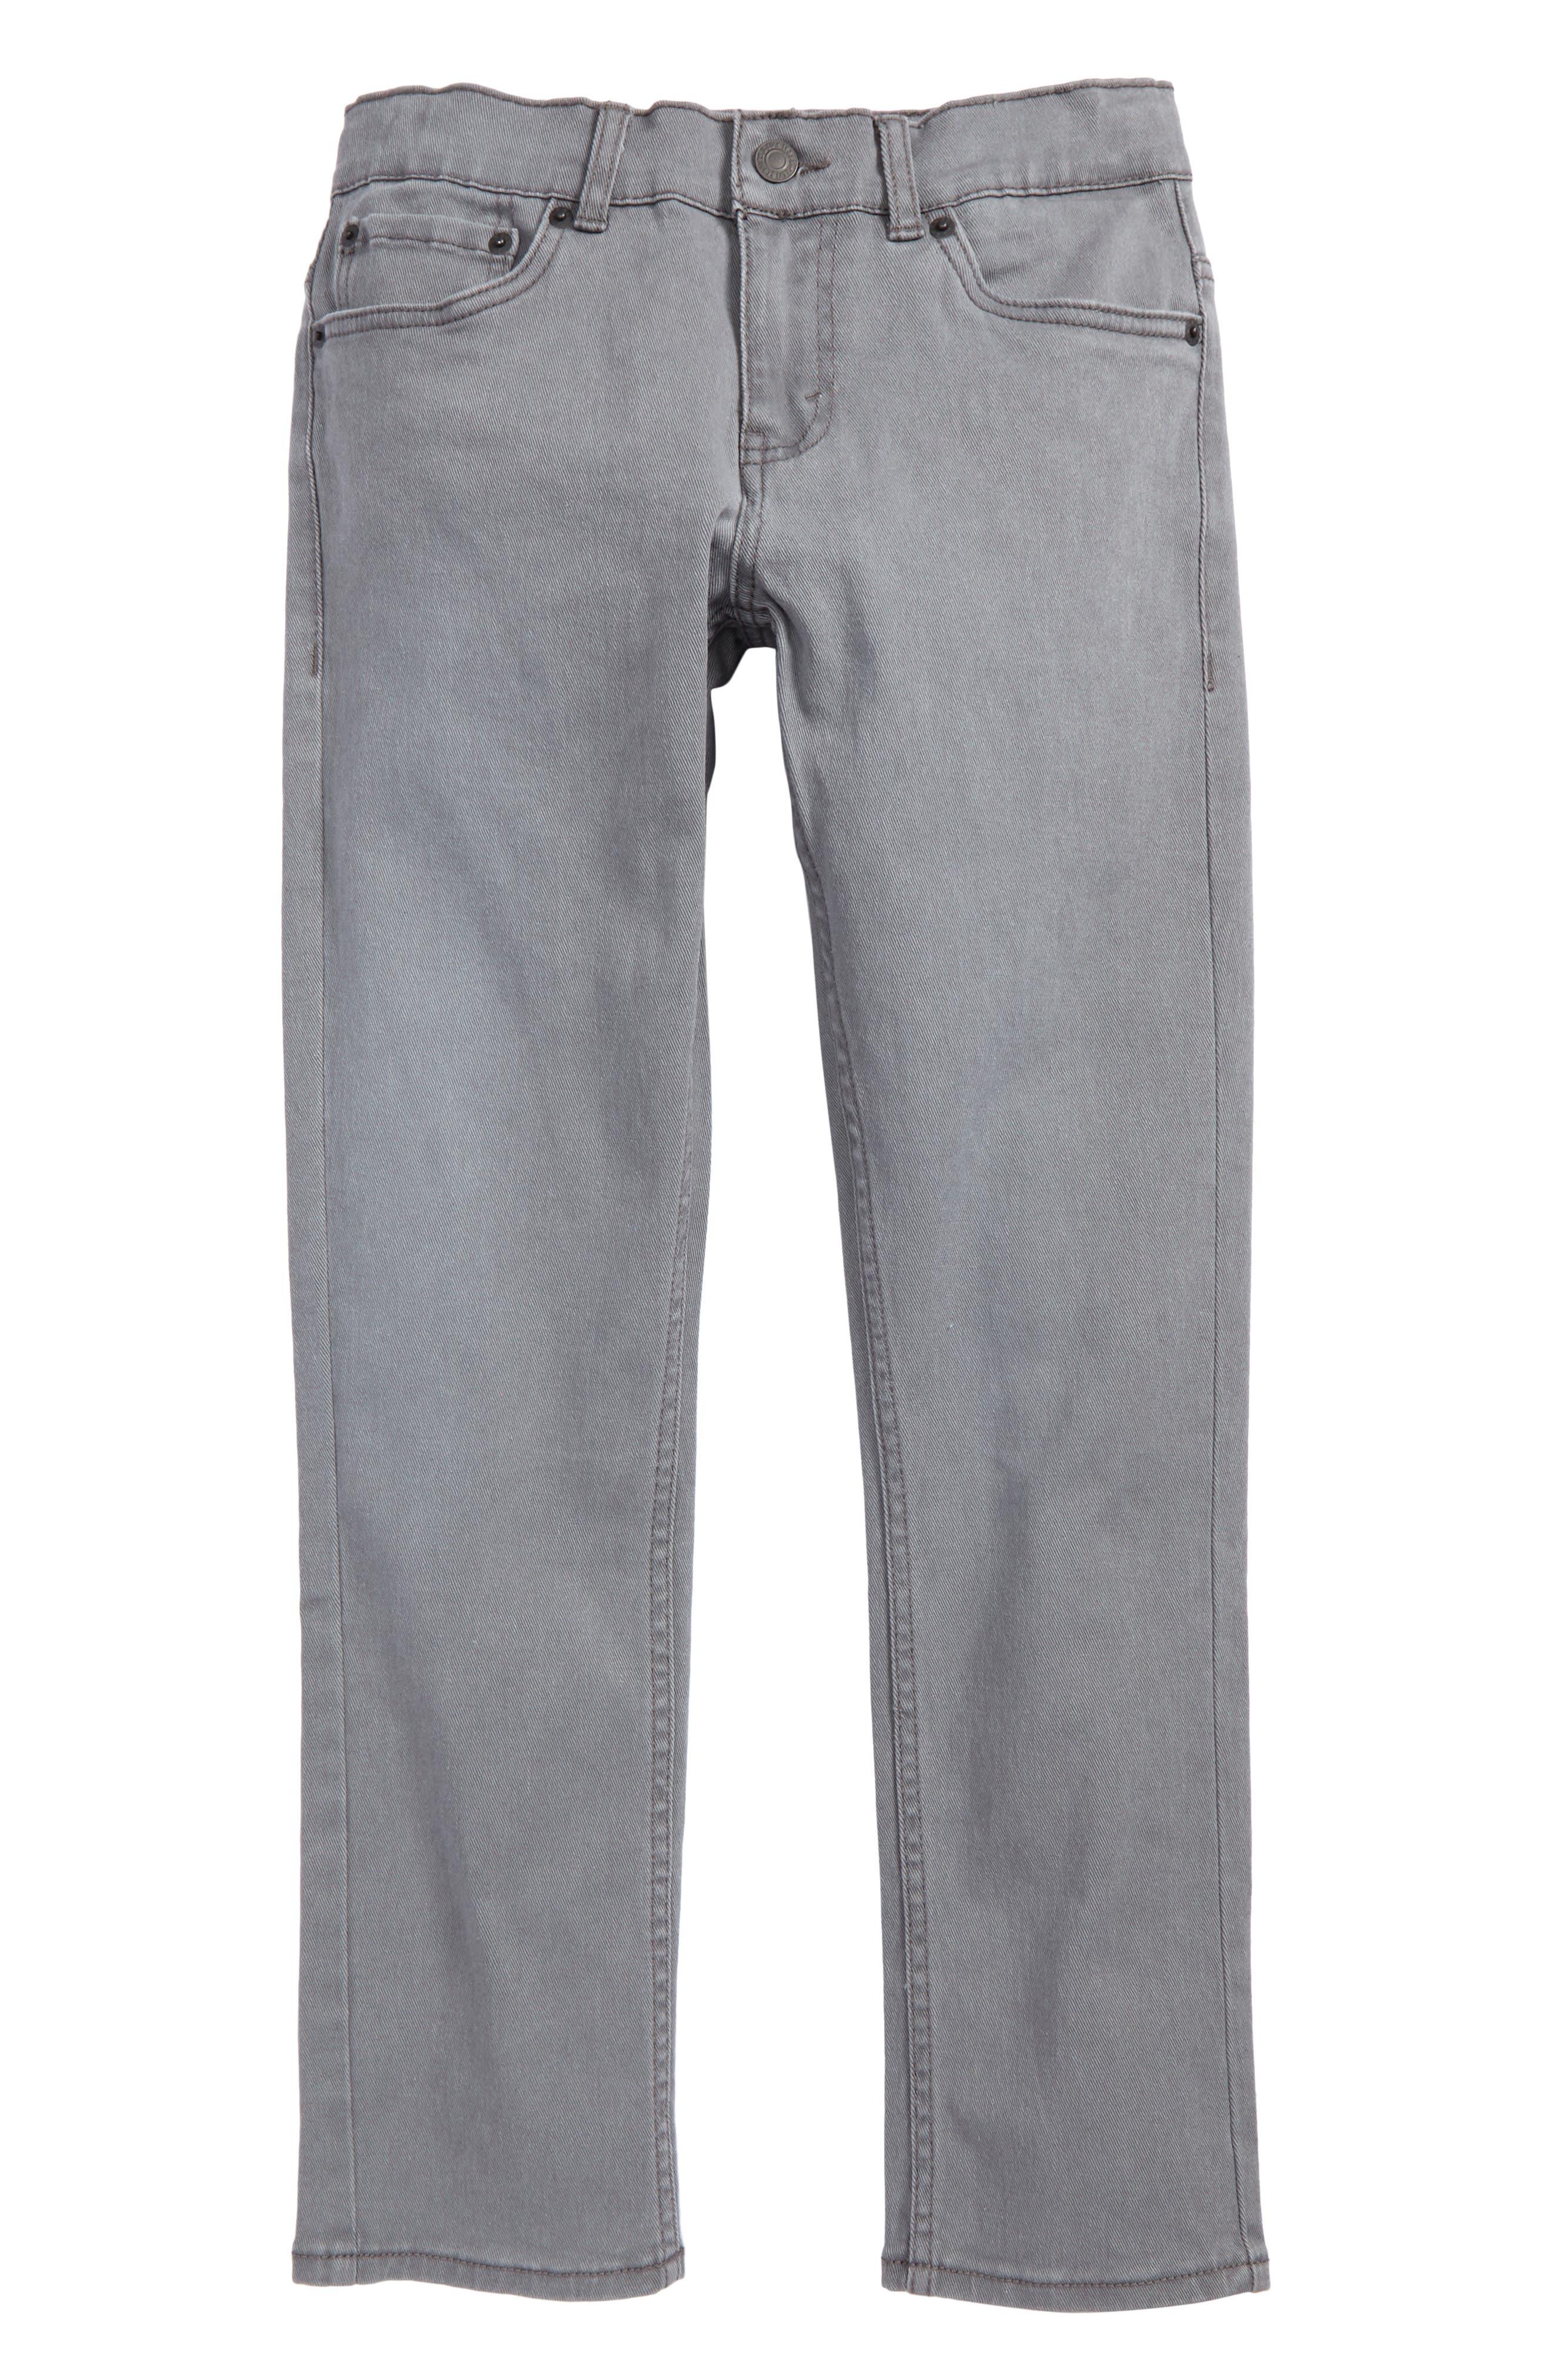 511 Slim Fit Jeans,                             Main thumbnail 1, color,                             020